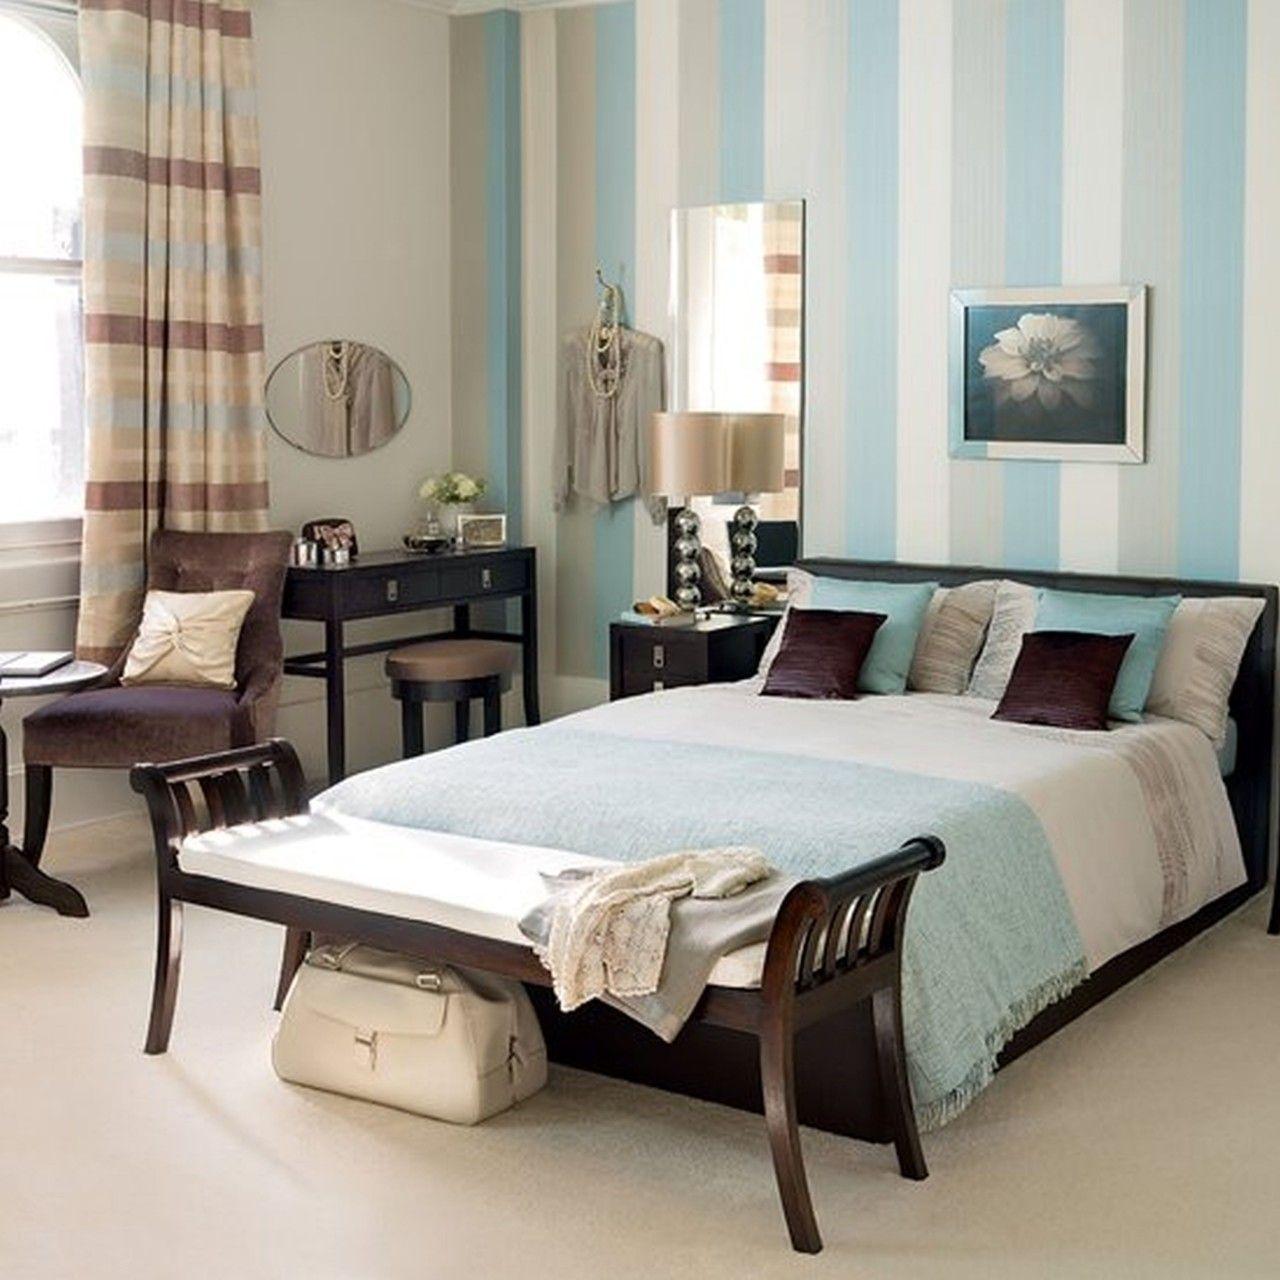 Brown Und Blaue Schlafzimmer Farbe Akzent Ideen Blaue